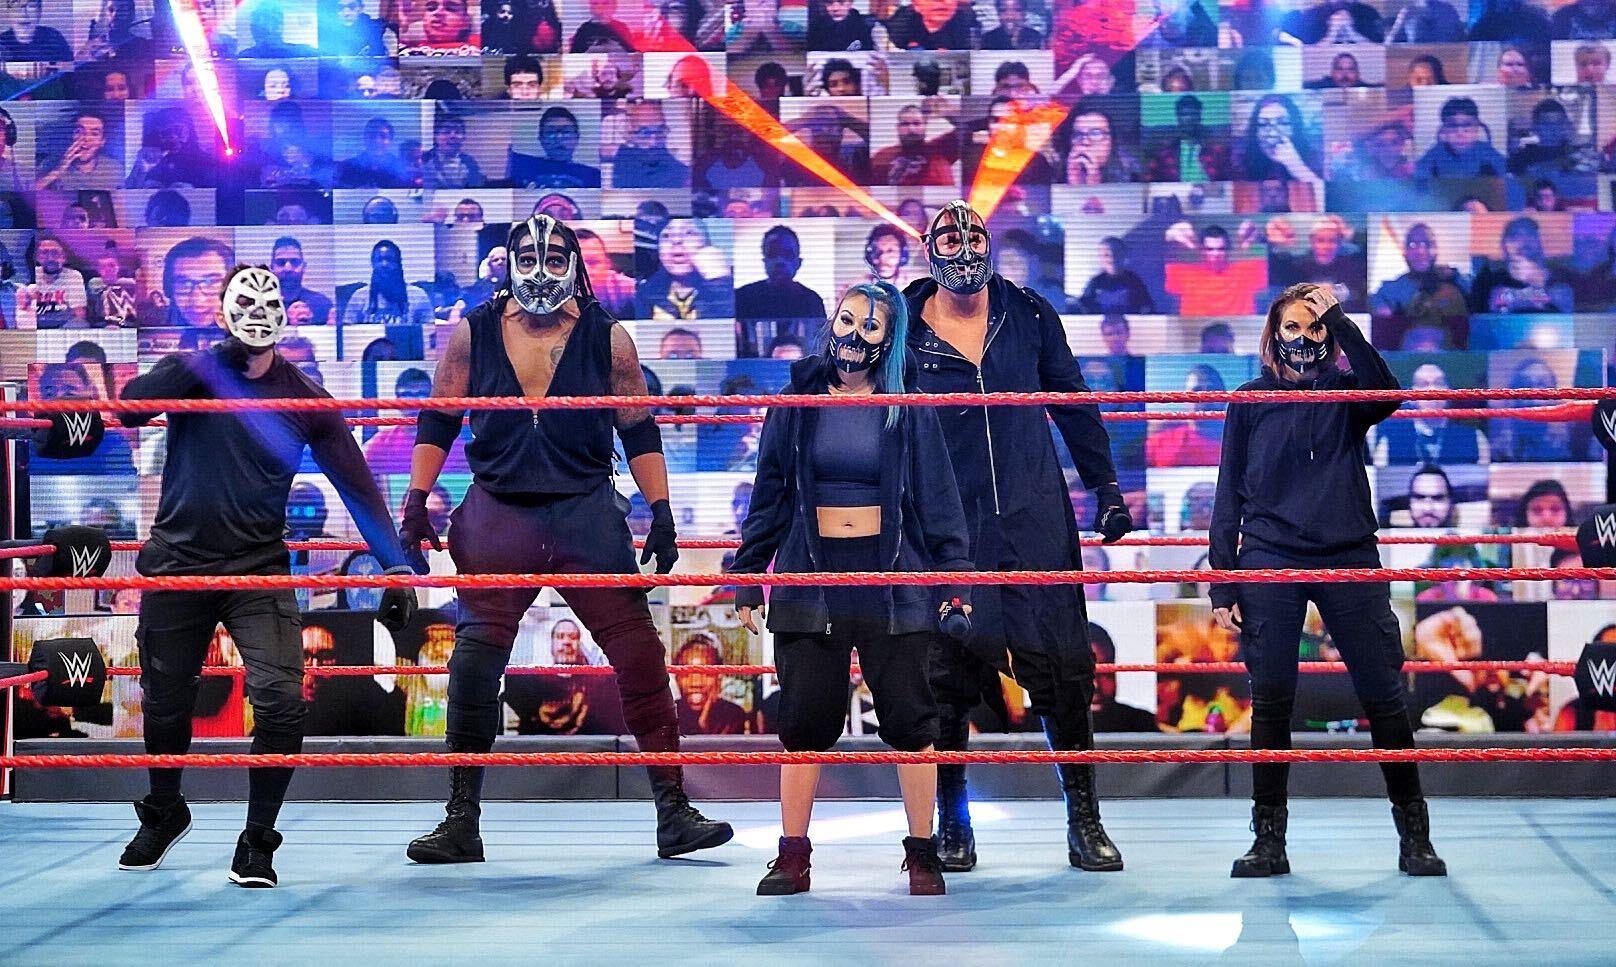 WWE supostamente planejando um grande combate para o Survivor Series